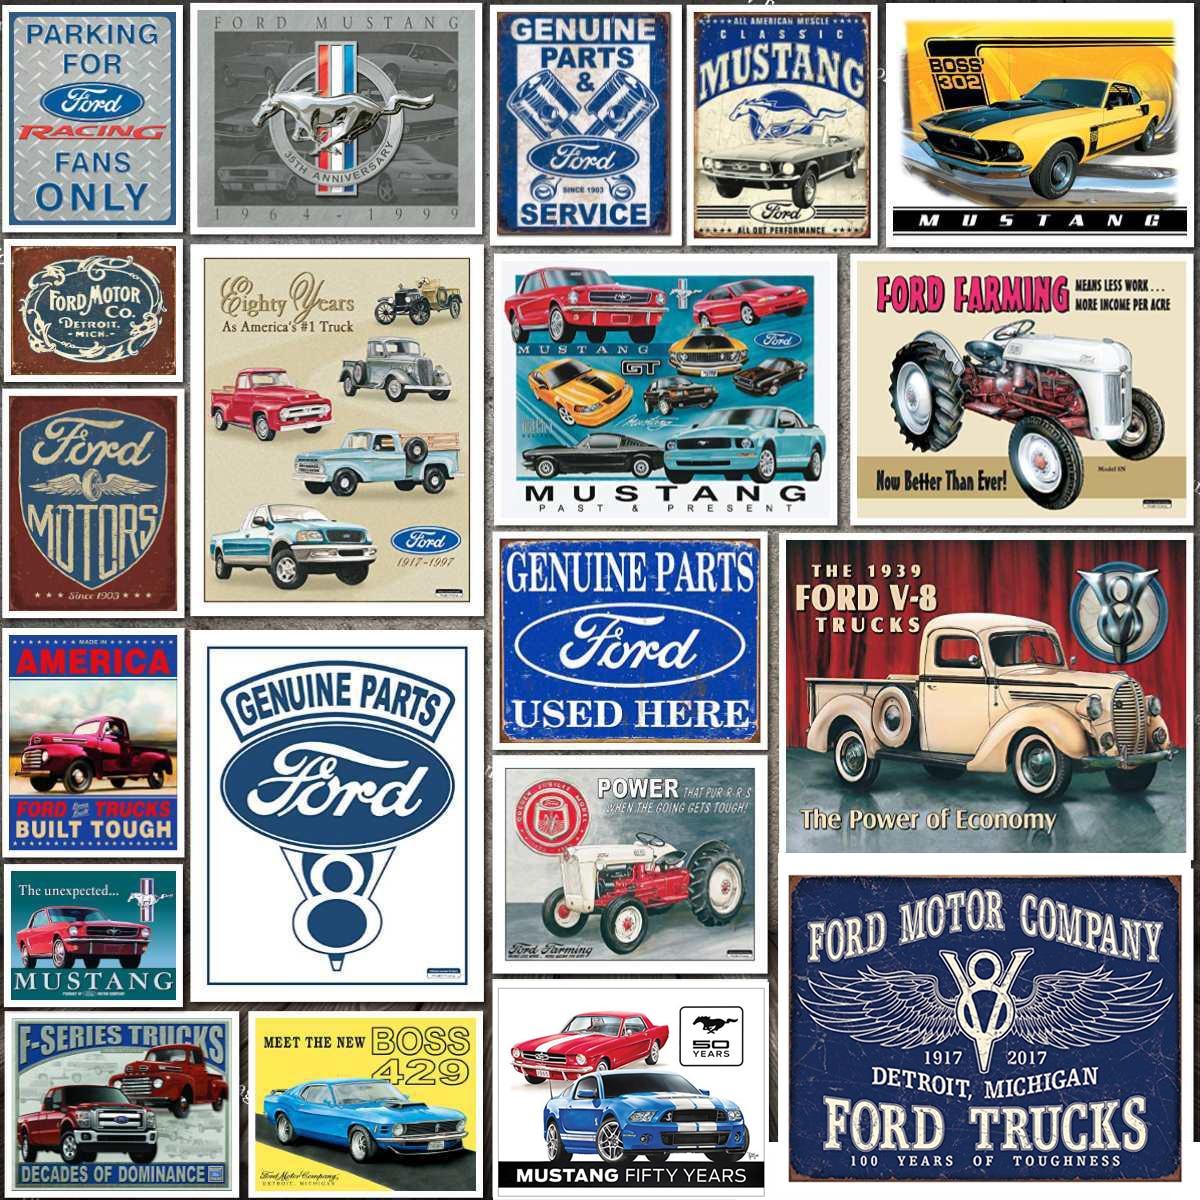 Placa de coche moderna, clásico Ford Mustang, letrero de estaño de Metal para decoración de pared, cartel Retro de lata para Bar o garaje